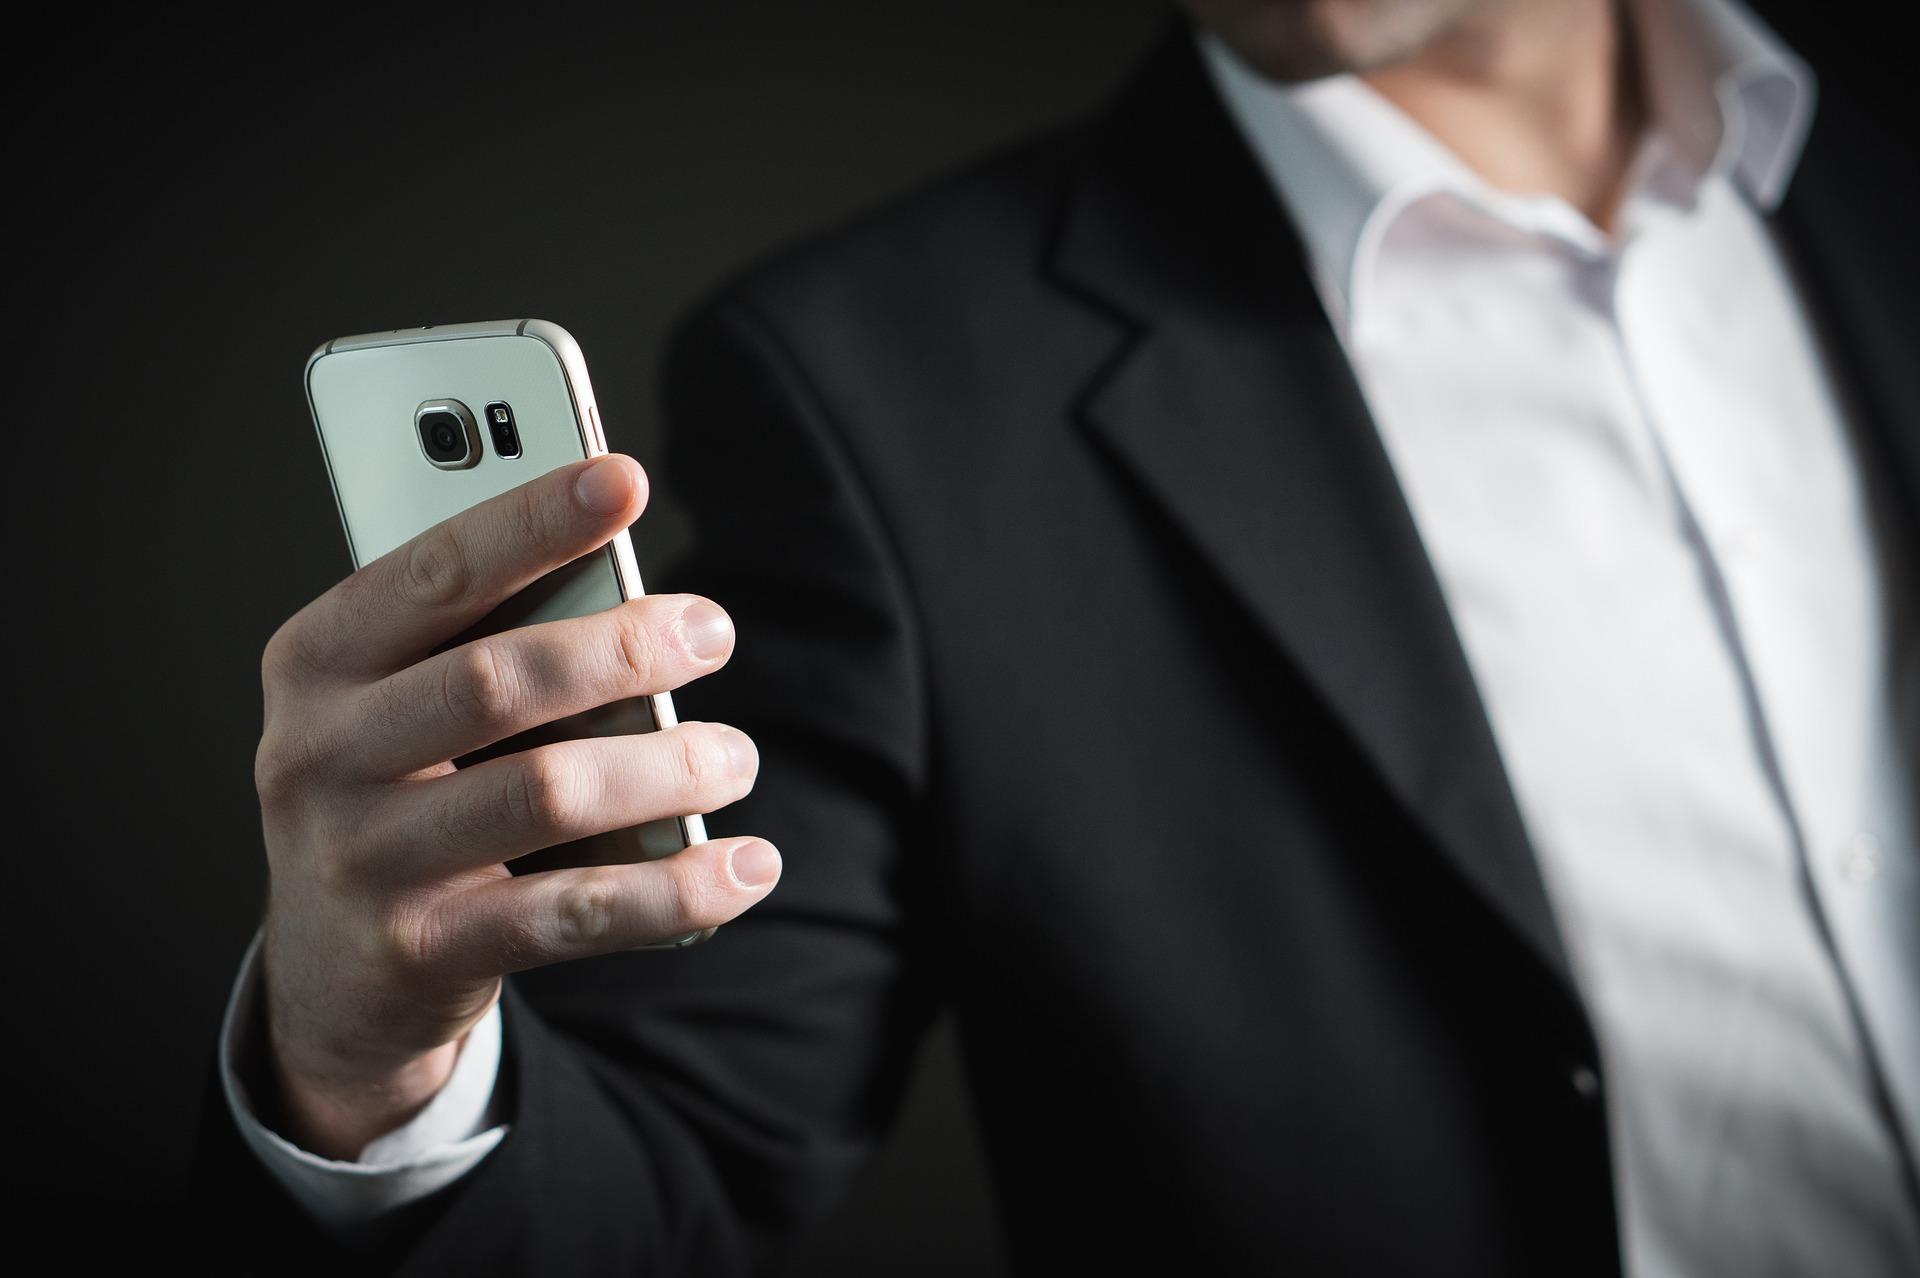 ¿Qué es la adicción a internet? ¿Qué es la ciberadicción? Preguntas frecuentes